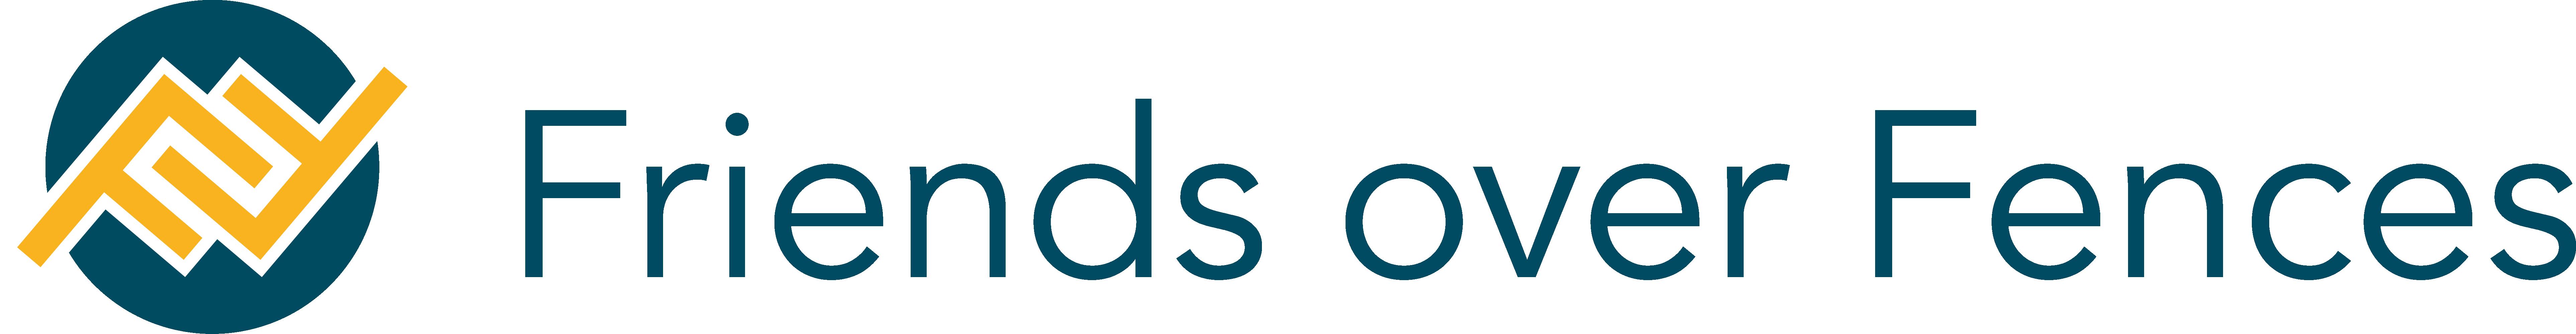 FOF-Bild-Workmarke